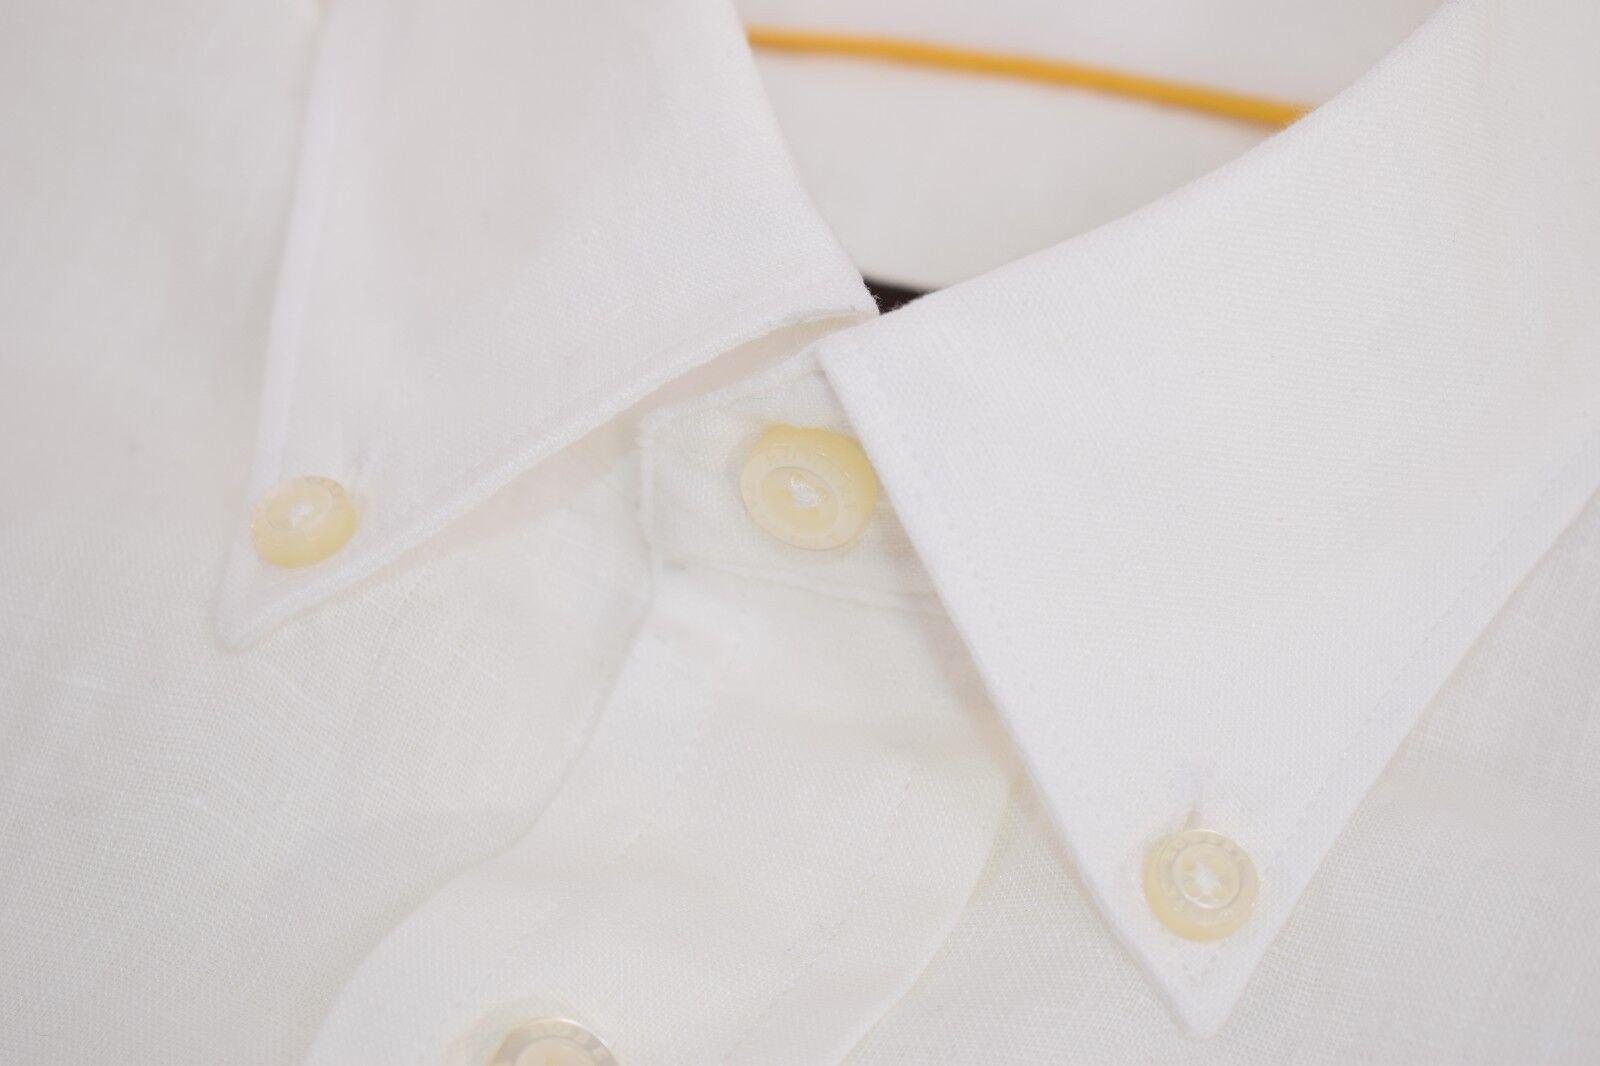 Robert Talbott NWT 100% Linen Button Down Dress Shirt Sz S in Weiß, Current